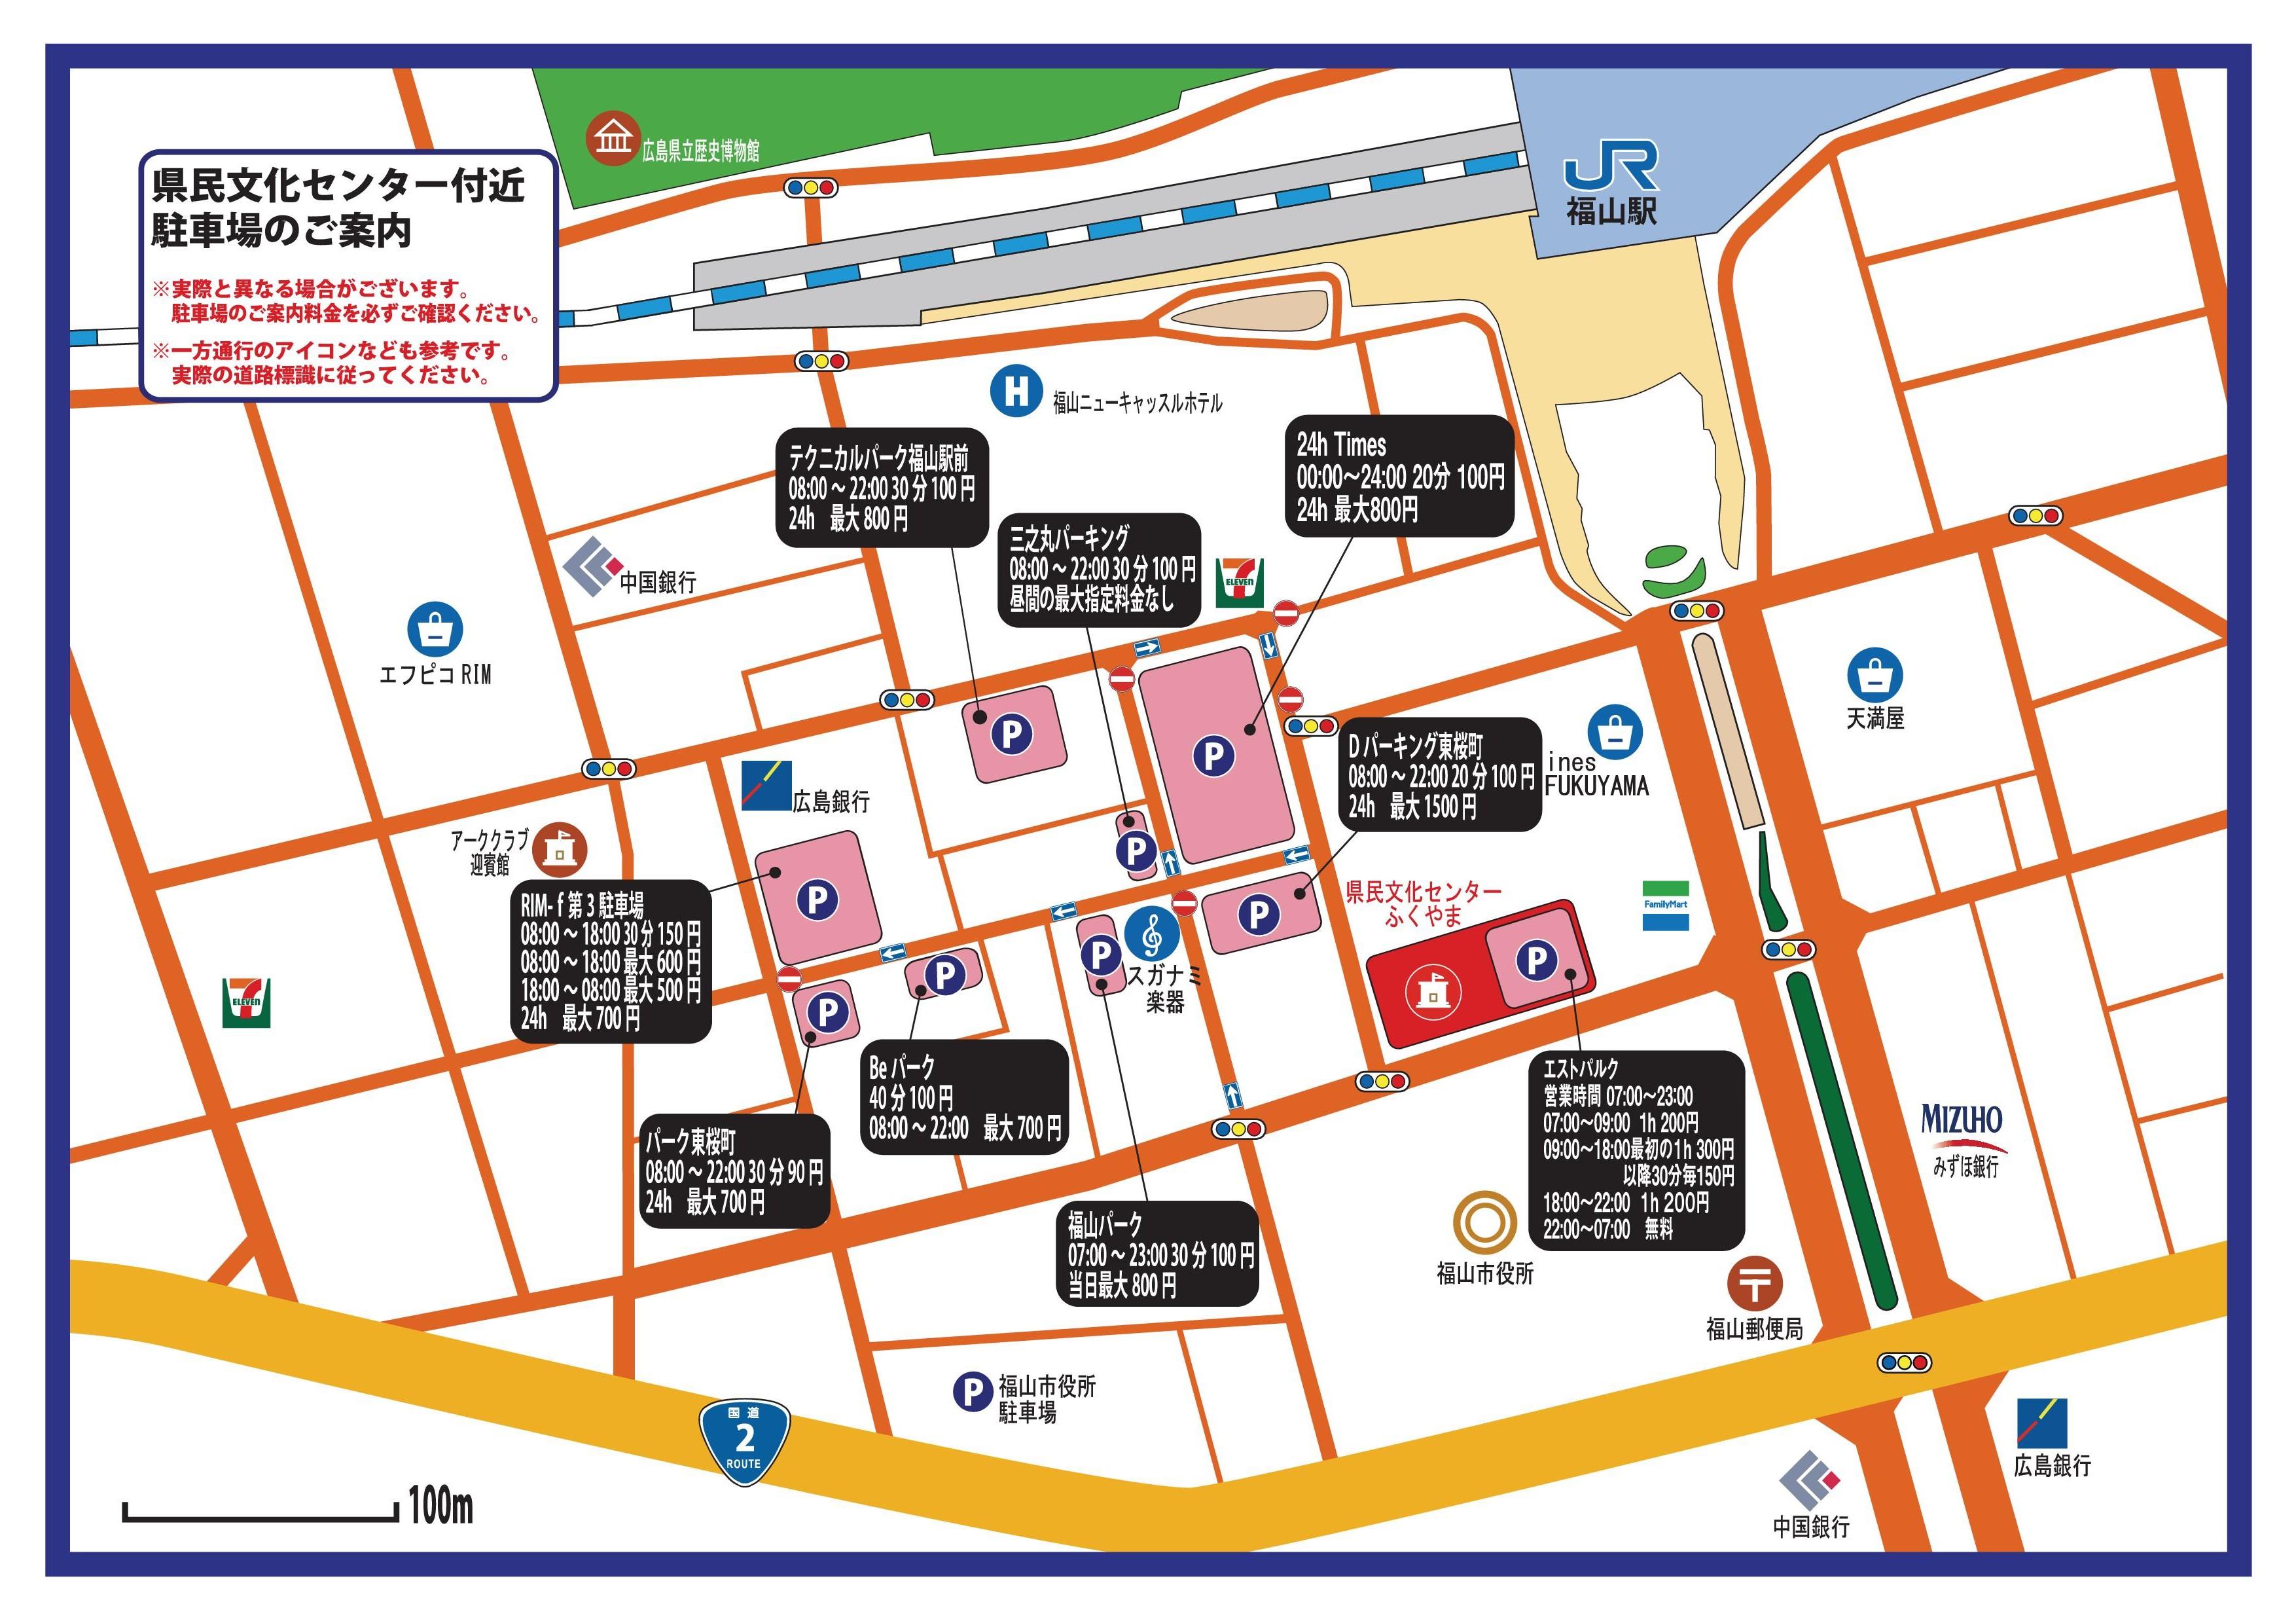 駐車場MAP 8.22 変更